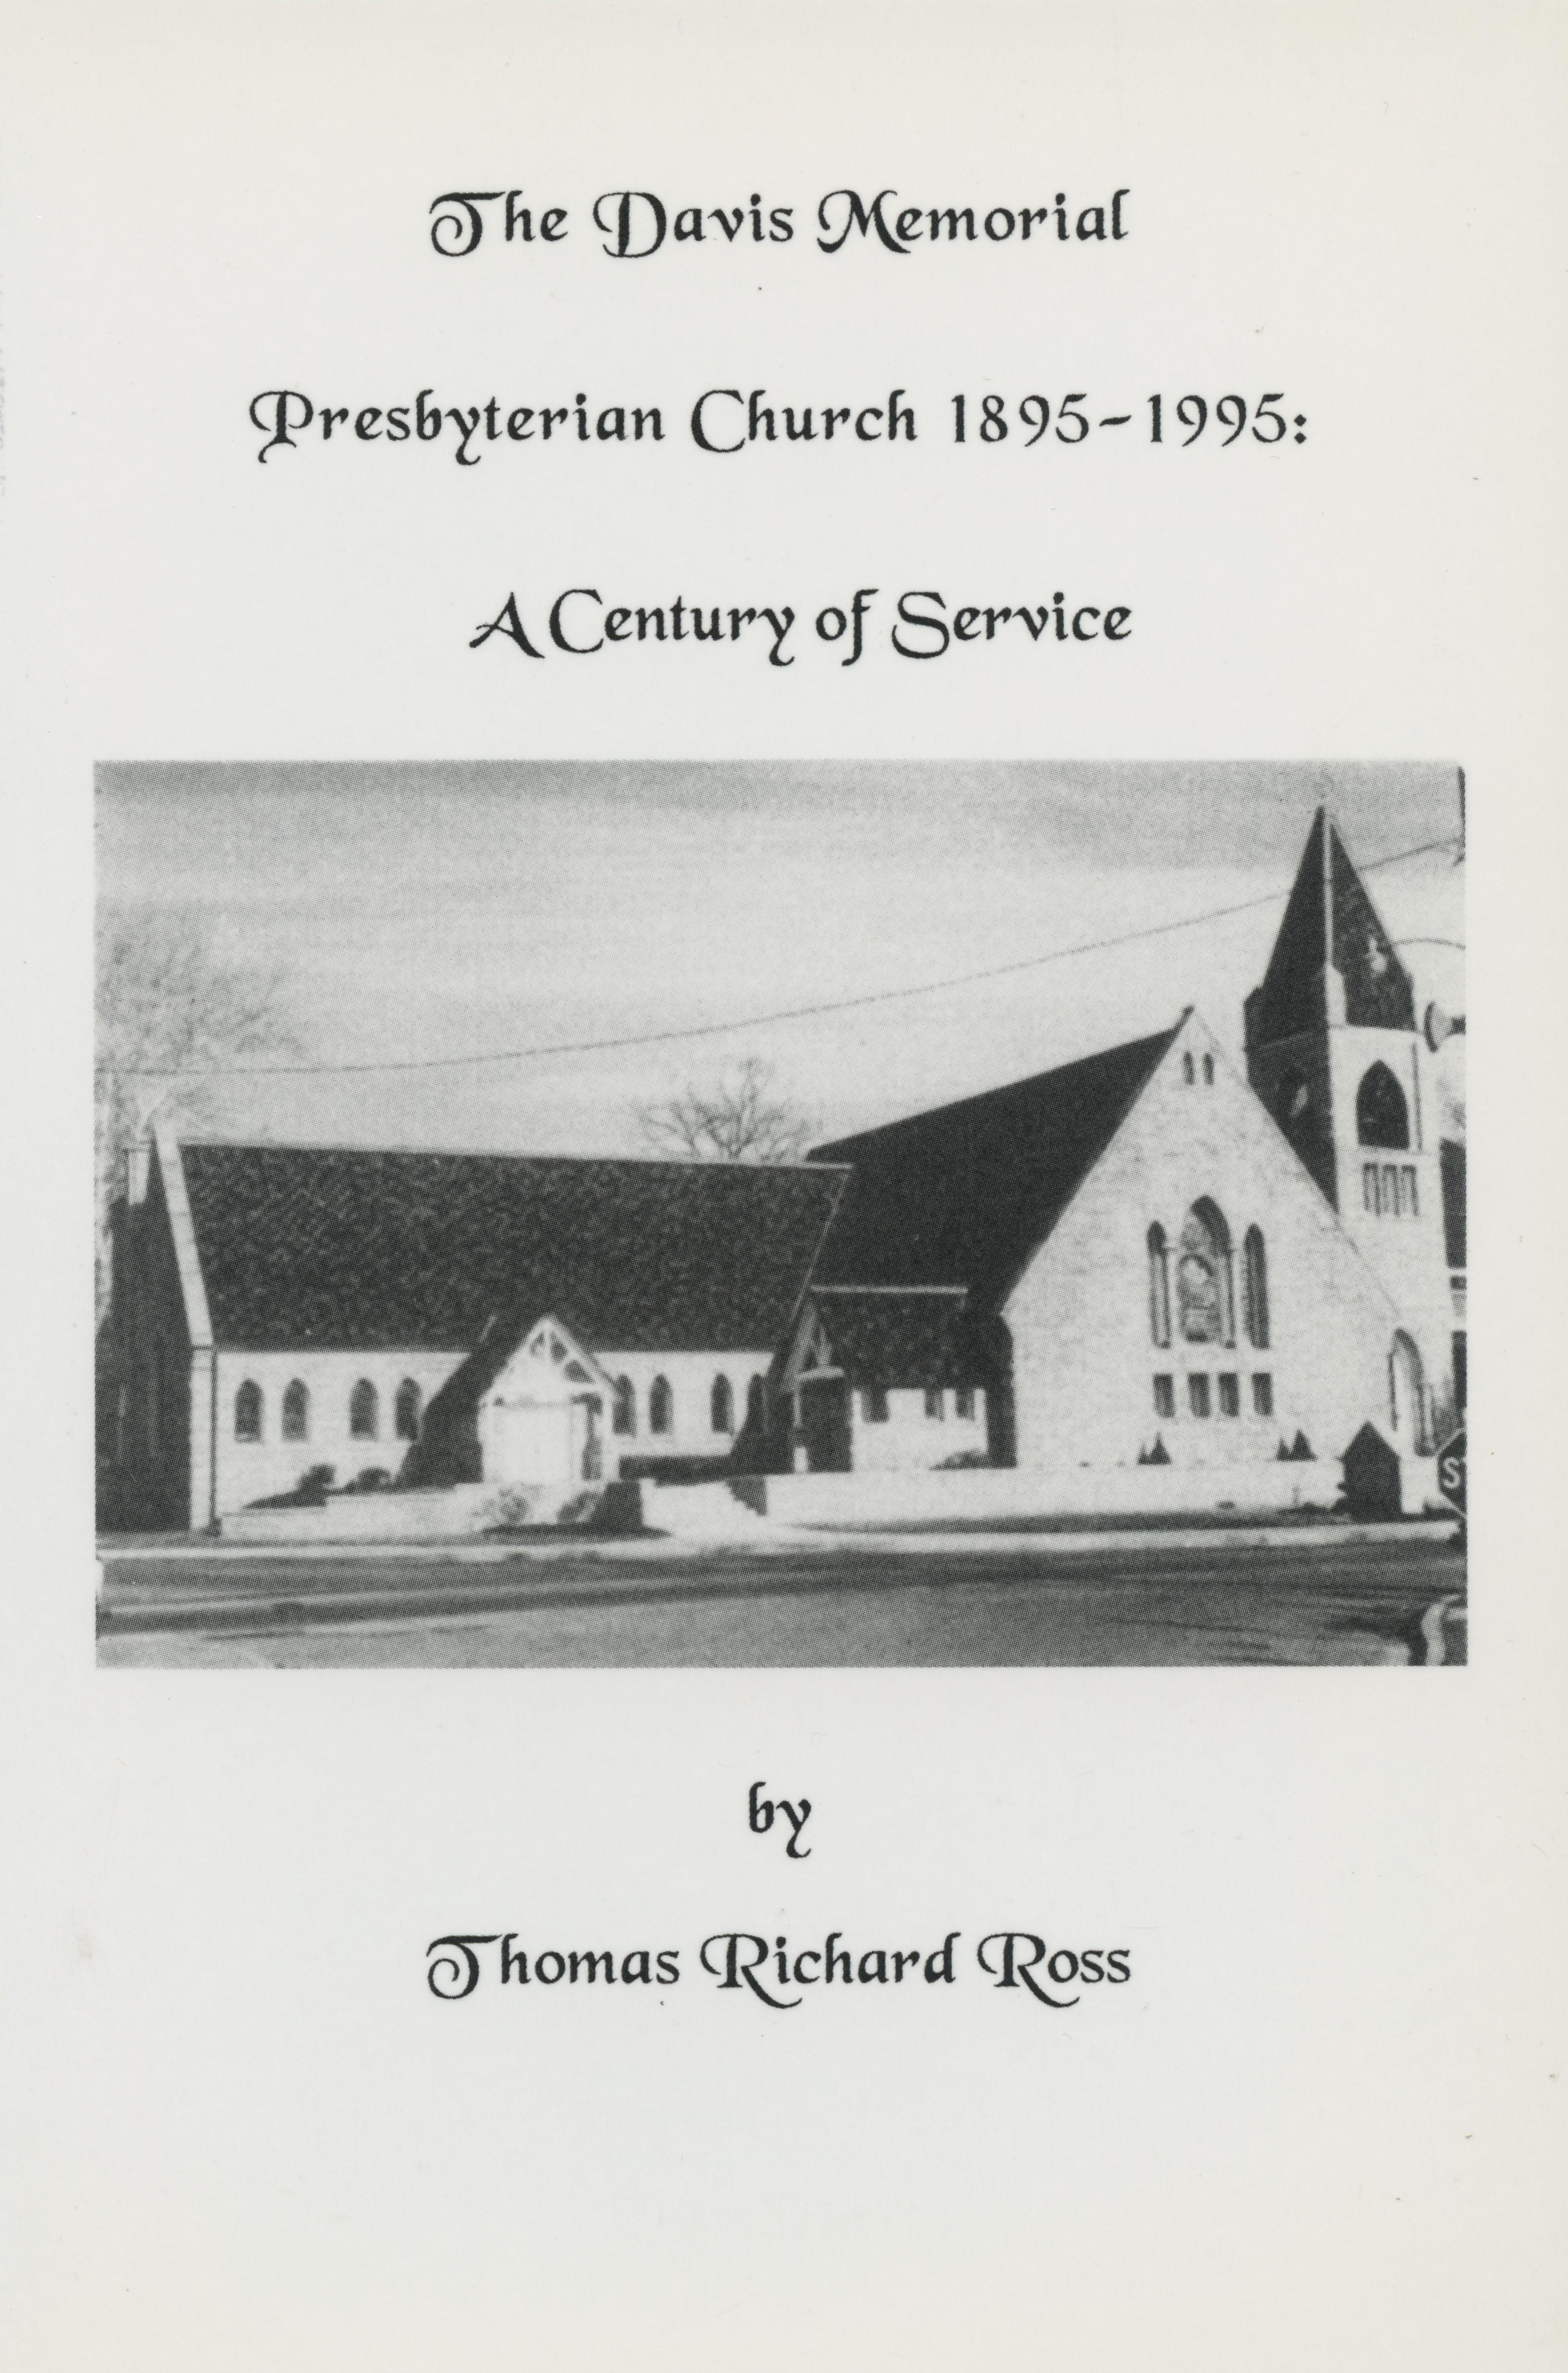 The Davis Memorial Presbyterian Church, The 1895-1995 -- A Century of Service